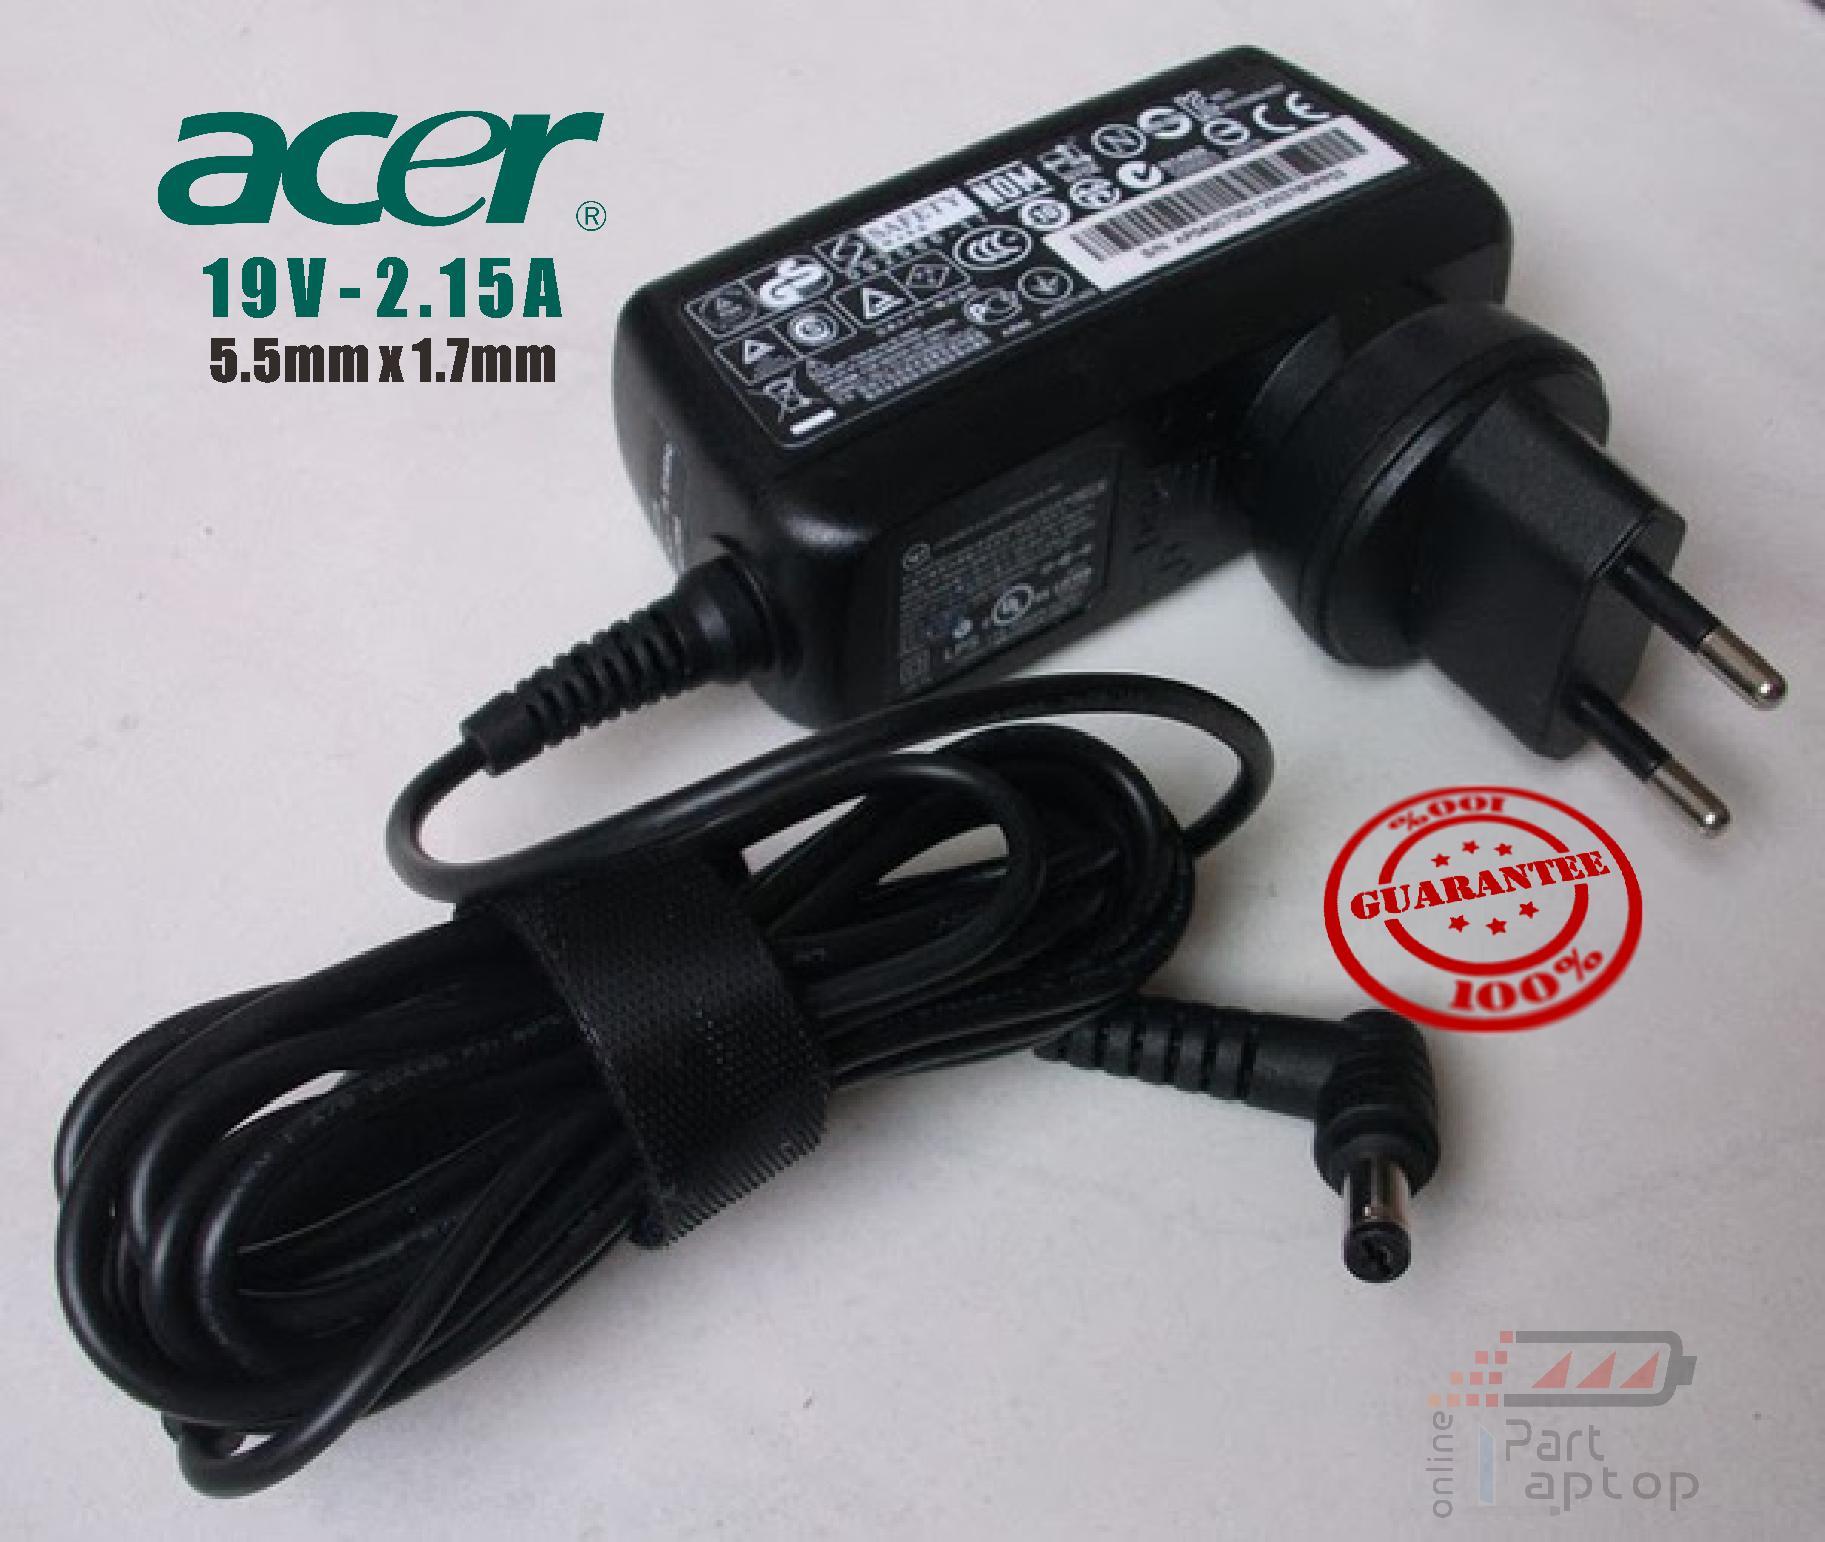 Fitur Ac Charger Adaptor 19v 2 1a For Samsung Ativ Book Series 9 7 5 Buy 1 Get Batok Laptop Acer Aspire One 215a Original